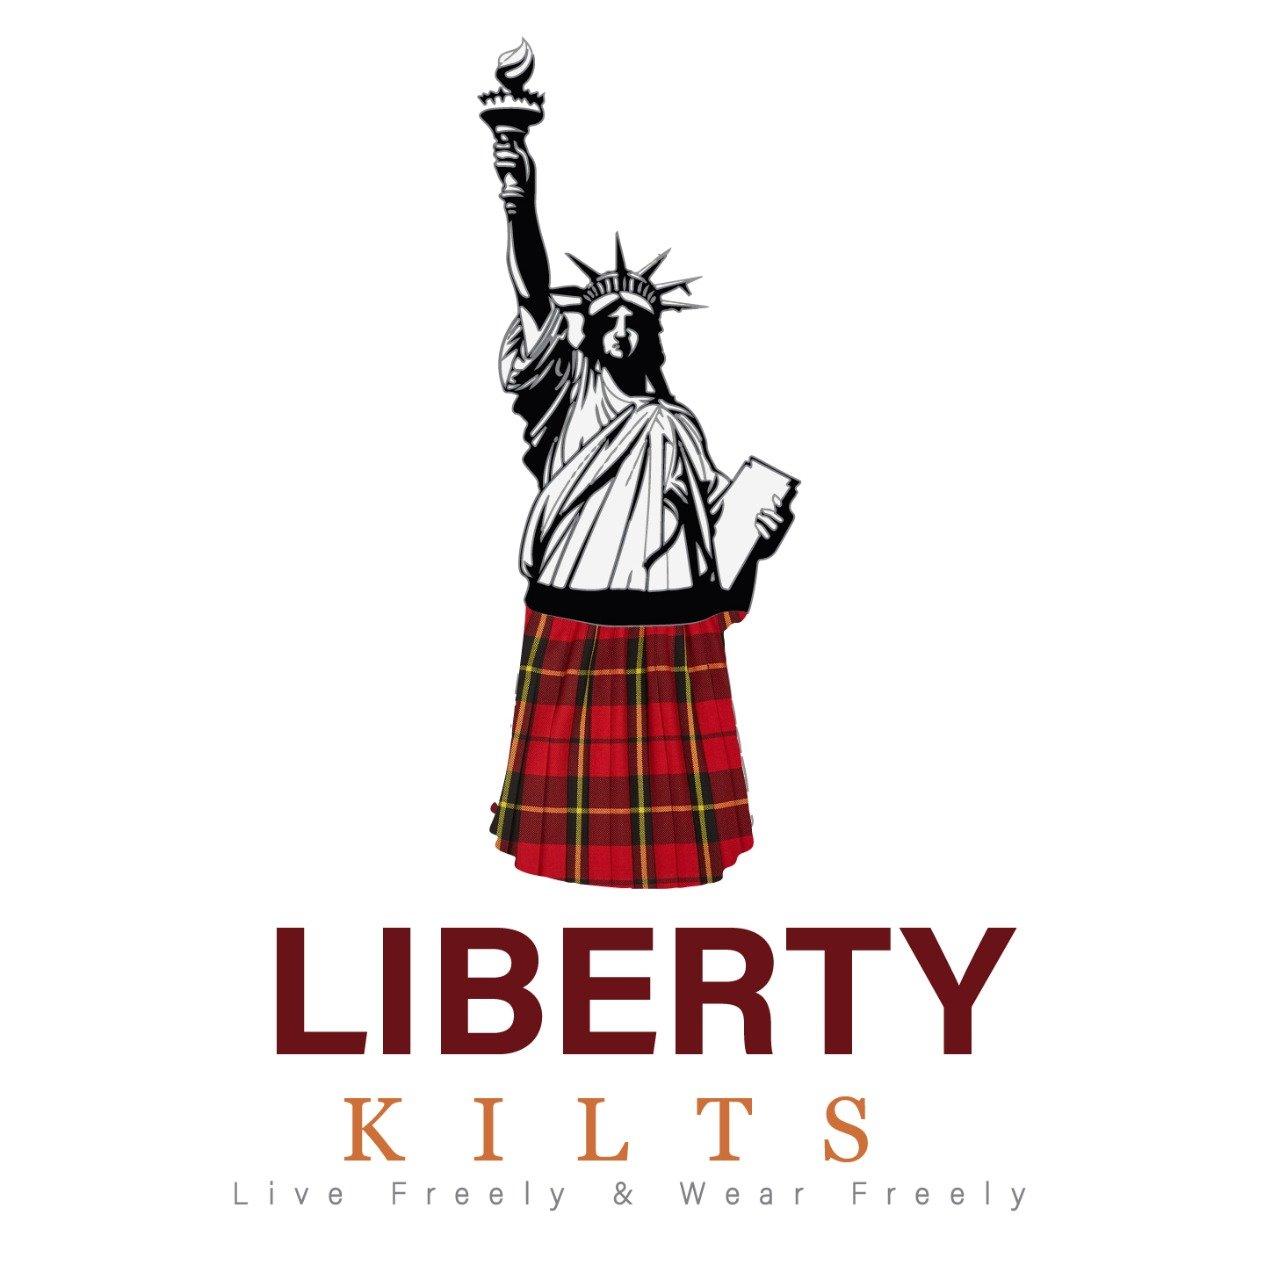 Liberty Kilts